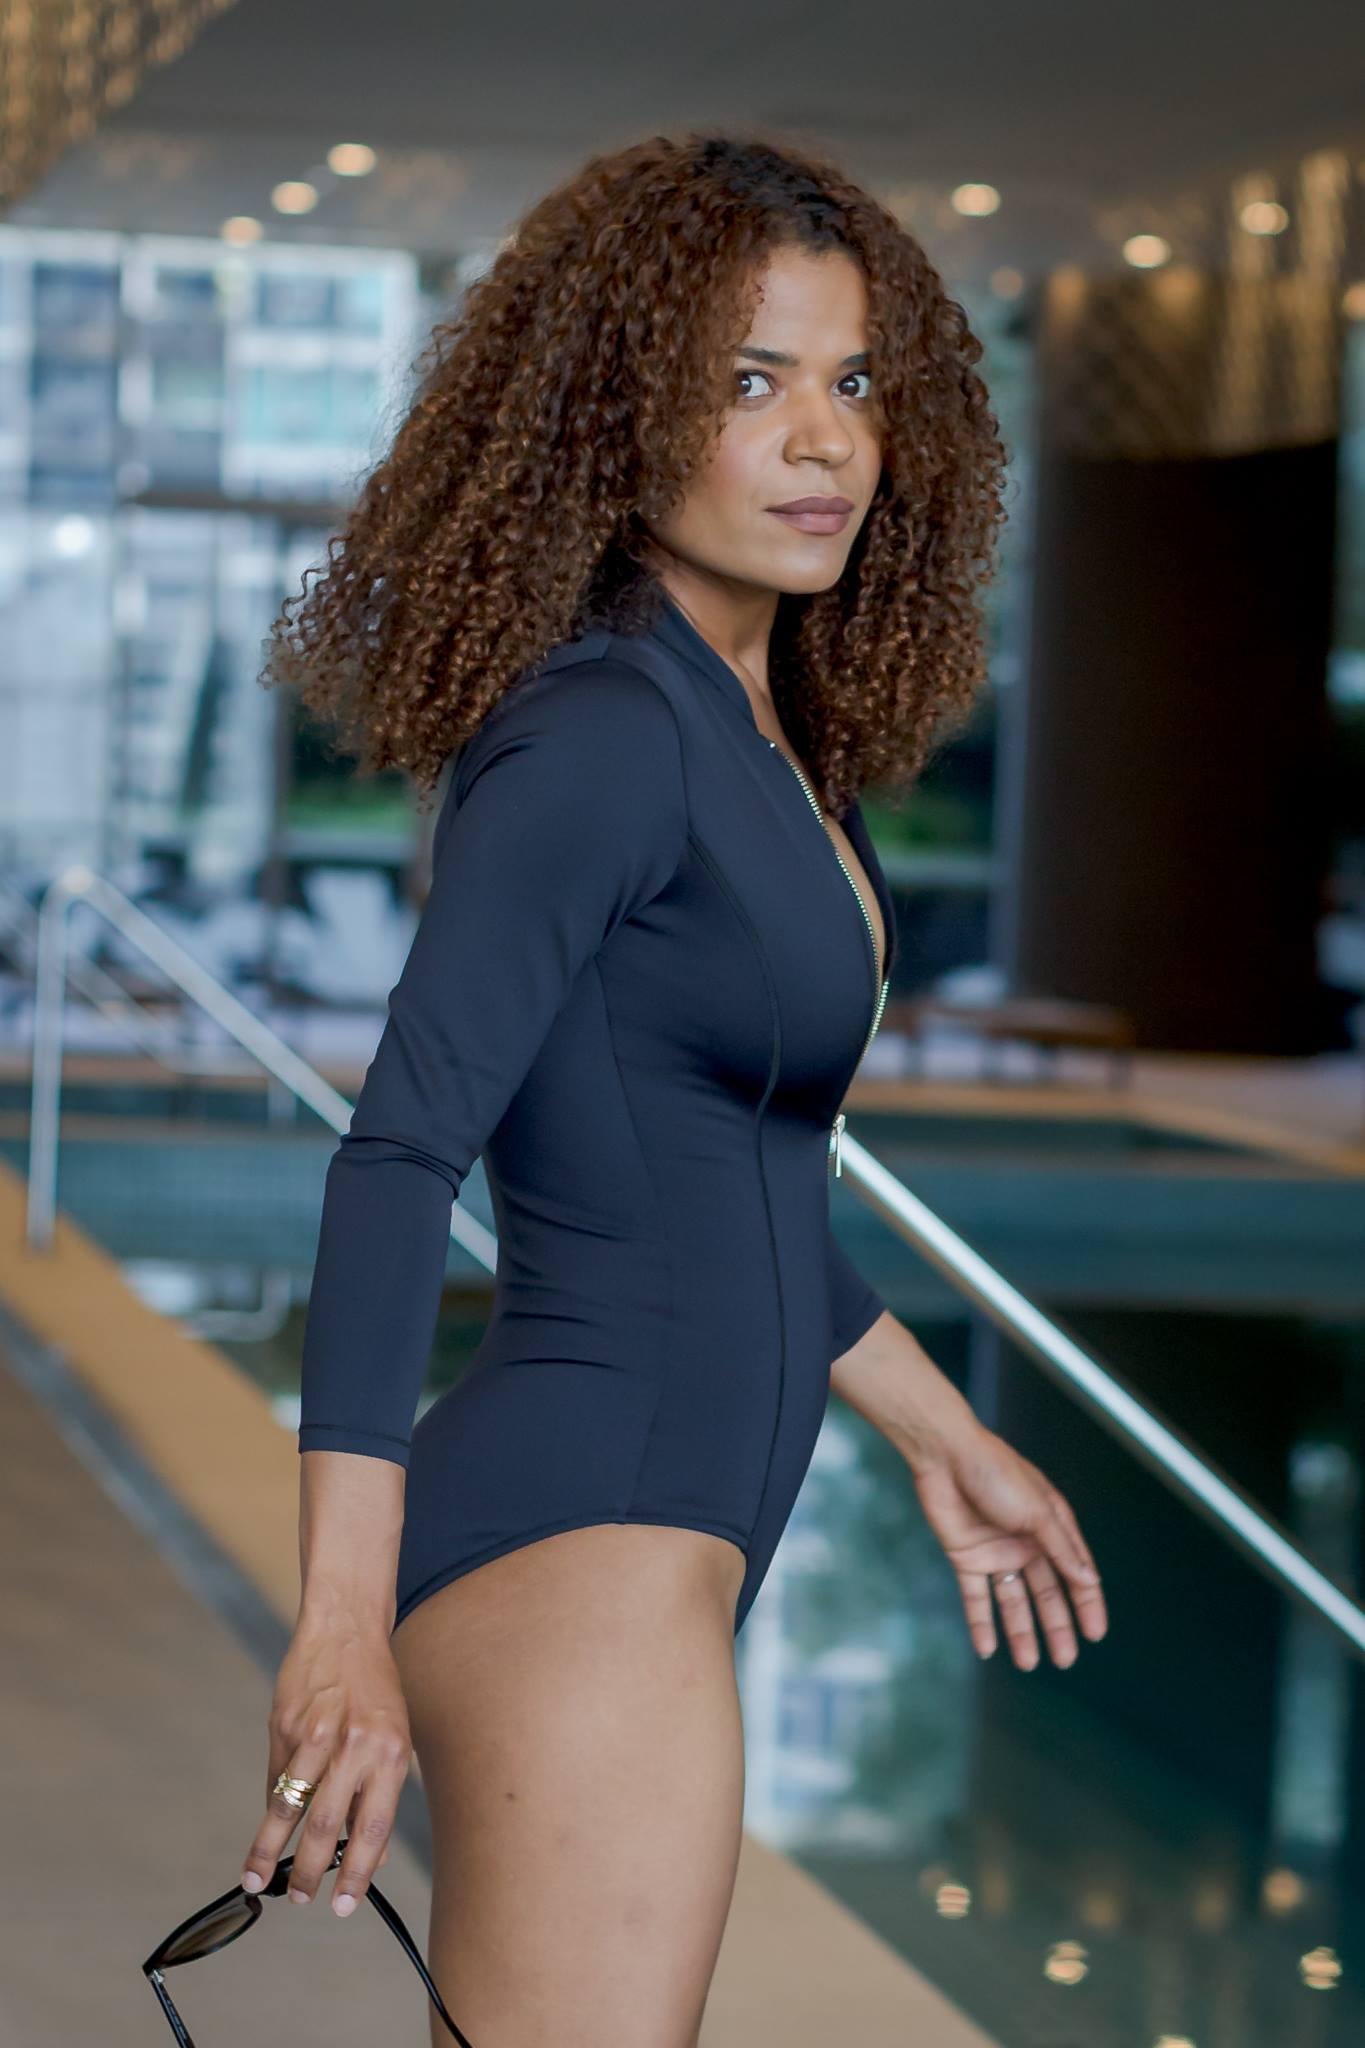 Victoria Latu in flattering Swimwear